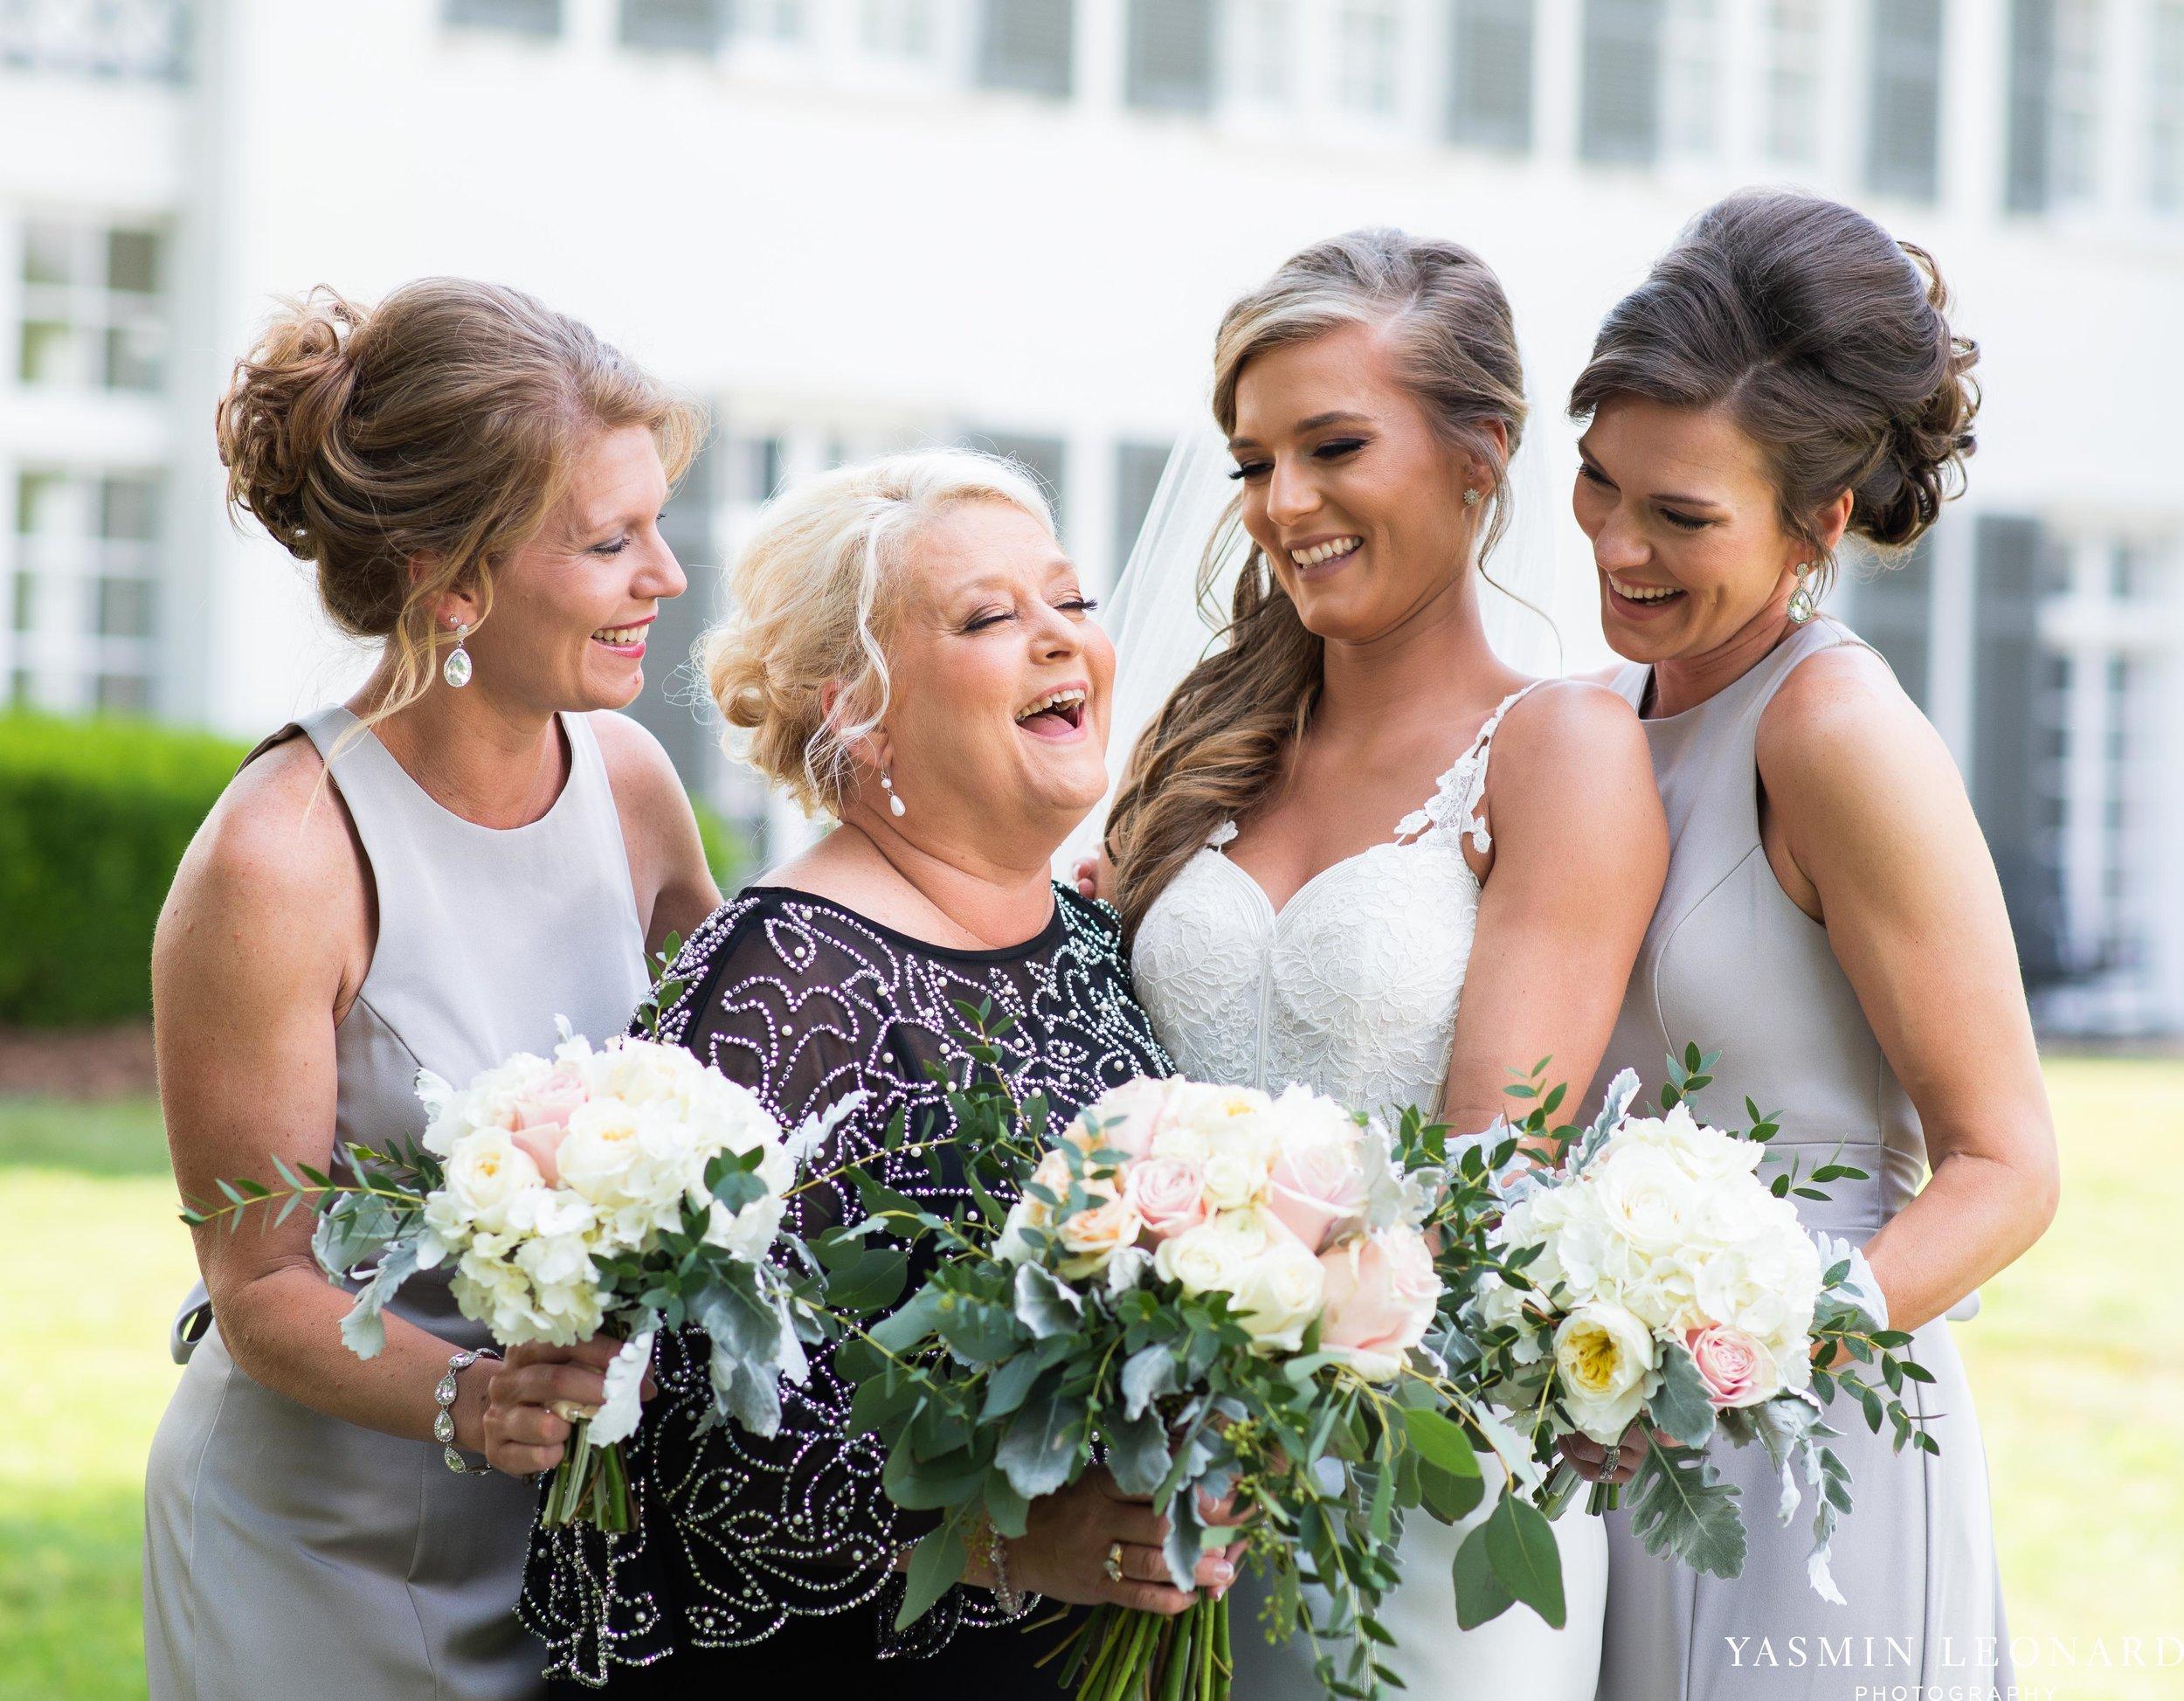 Boxwood Estate - Boxwood Estate Wedding - Luxury Wedding - Black and White Wedding - NC Wedding Venues - NC Weddings - NC Photographer - Lantern Release Grand Exit - Large Wedding Party - Yasmin Leonard Photography-21.jpg